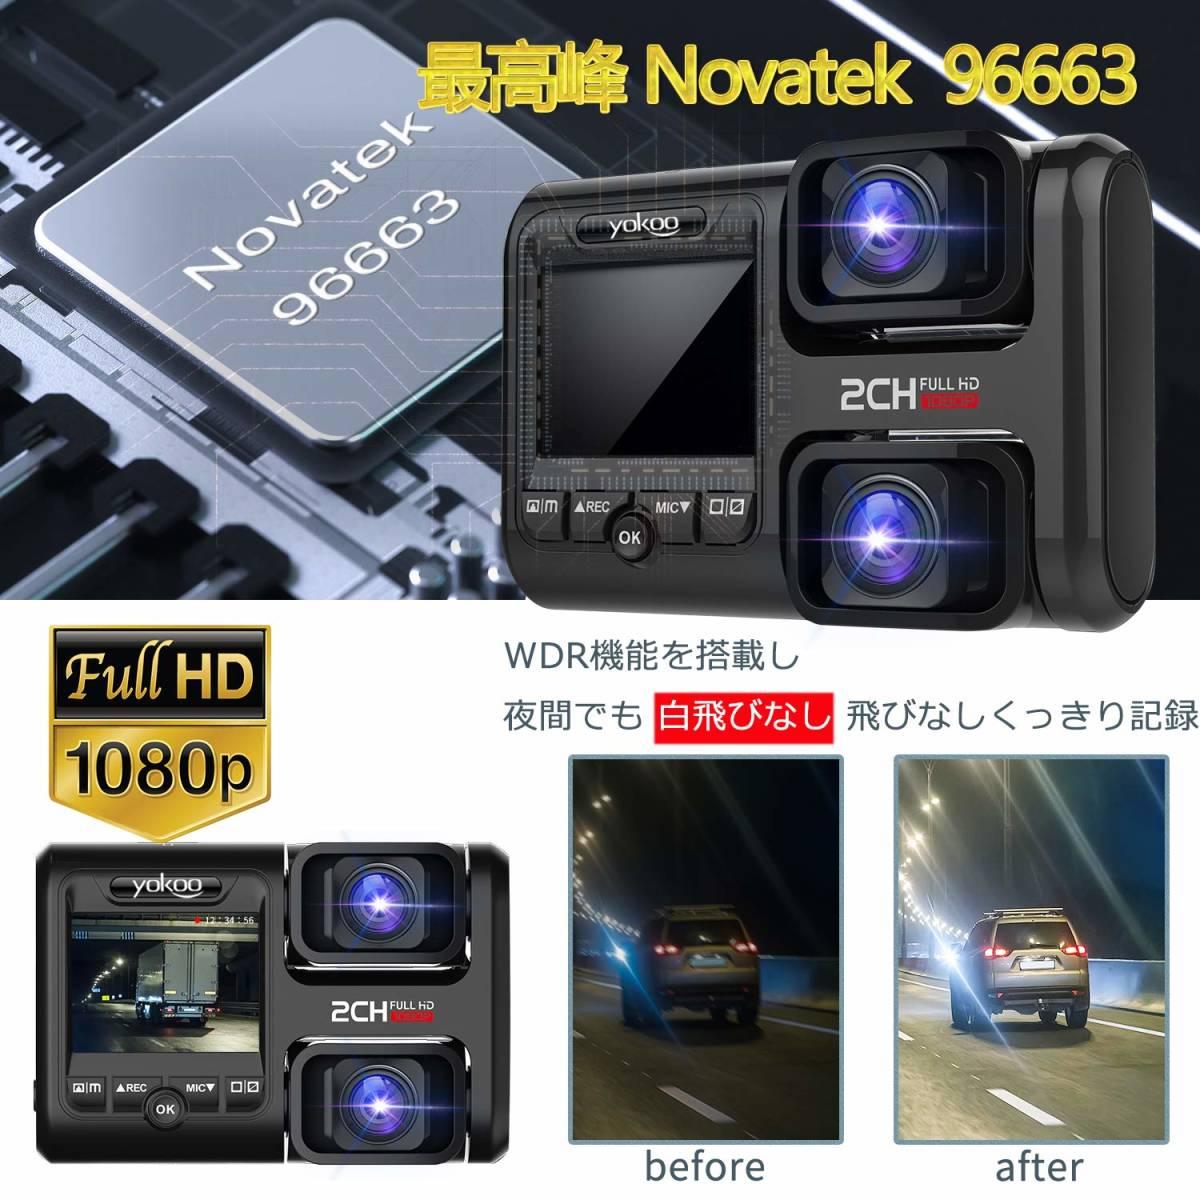 新品未使用 32Gカード付きドライブレコーダー 前後カメラ 1080PフルHD wifi搭載 内蔵GPS sonyセンサー 1200万画素 170度広角 WDR_画像3